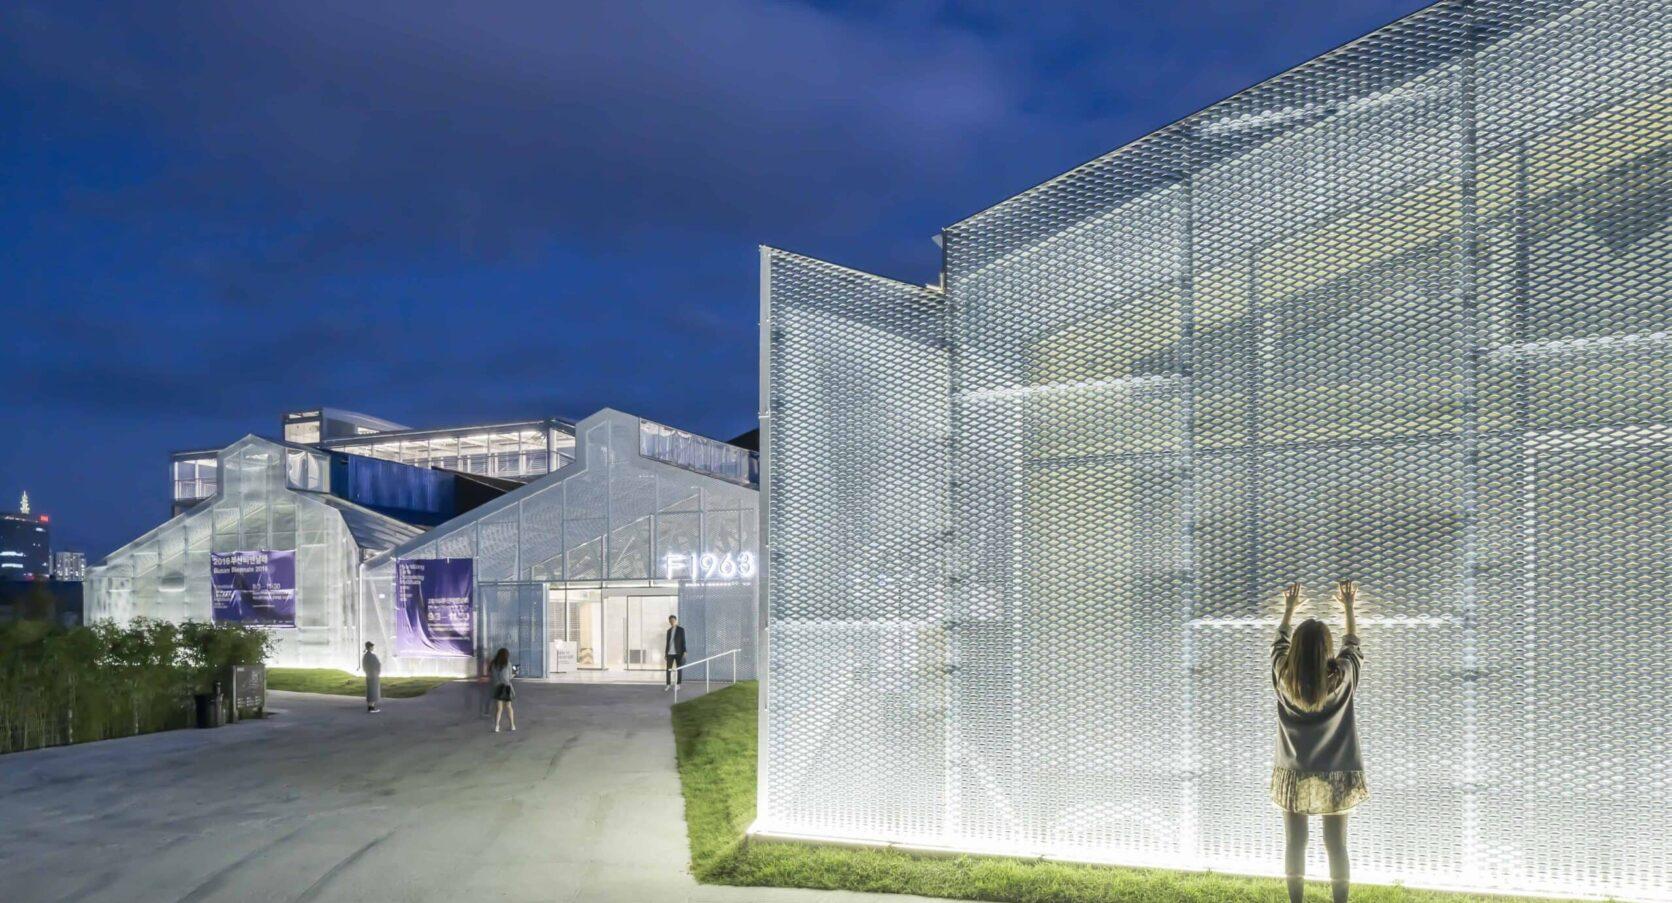 Busan Zuid-Korea voorzien van MD Strekmetaal gevel met open structuur